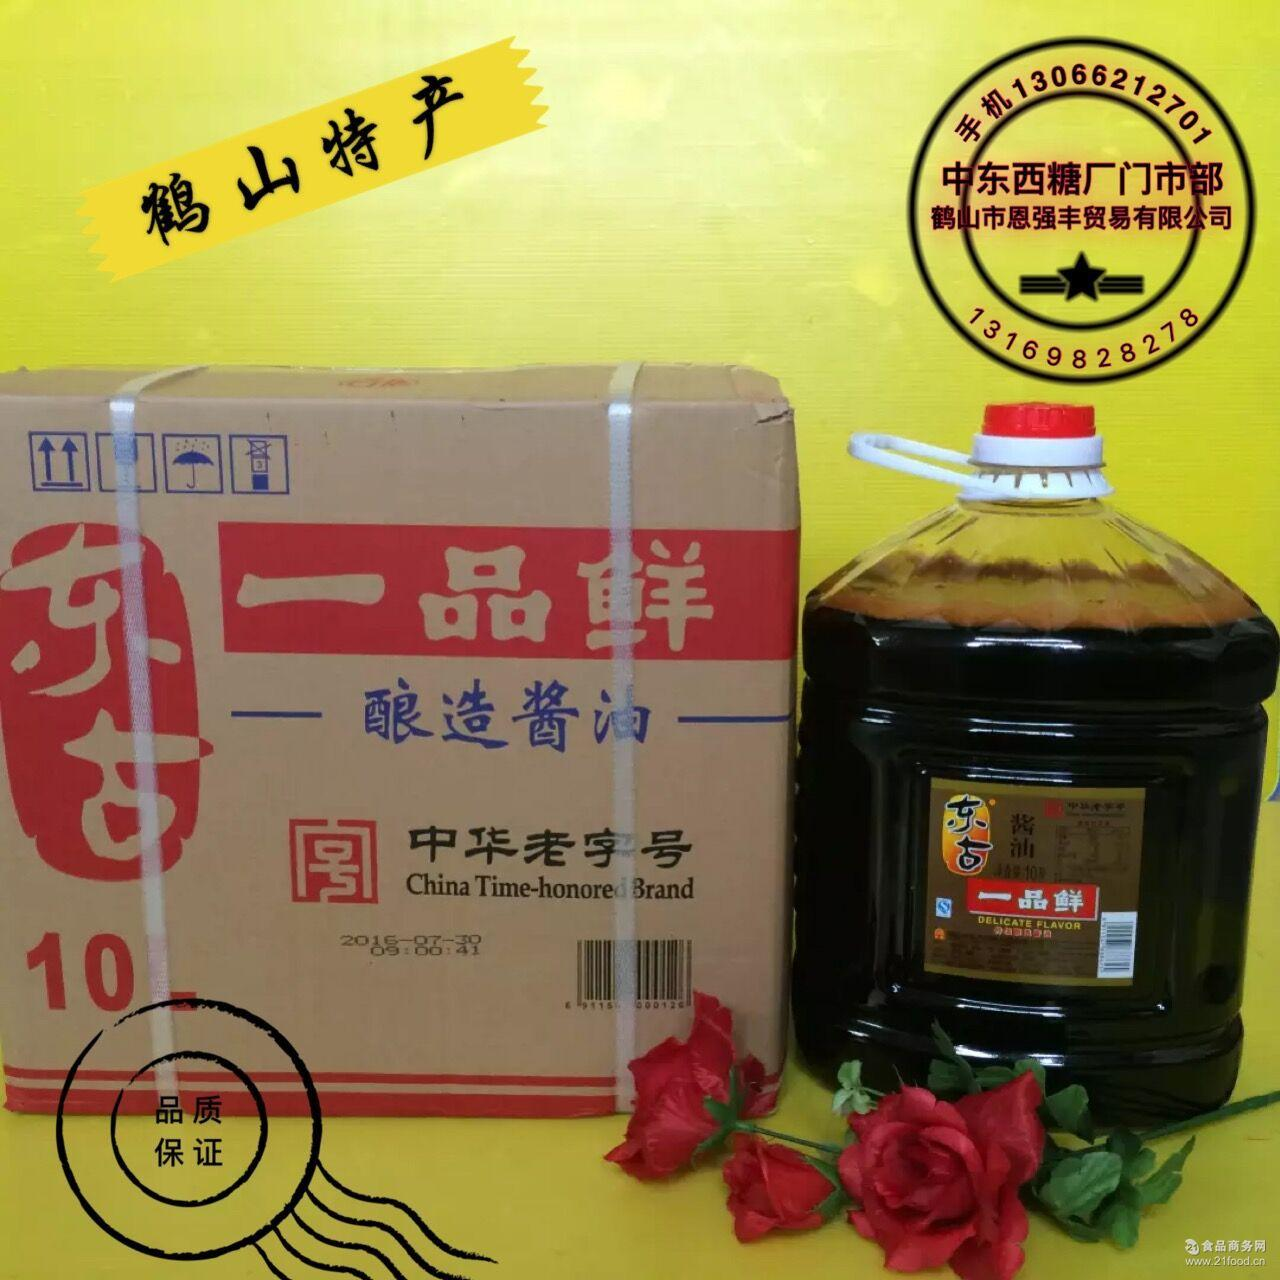 10L/罐东古一品鲜酱油 *酿造酱油 鹤山特产 特级酱油生抽